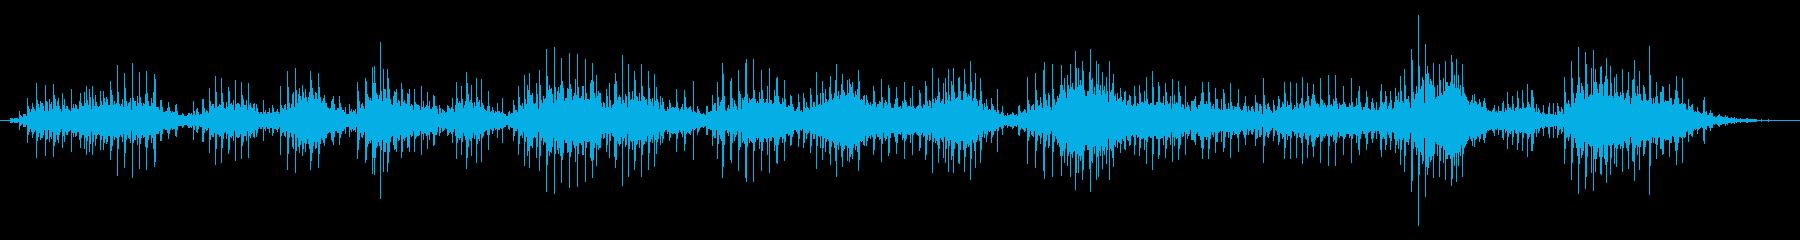 メタリッククリスタルケイブ:Pha...の再生済みの波形